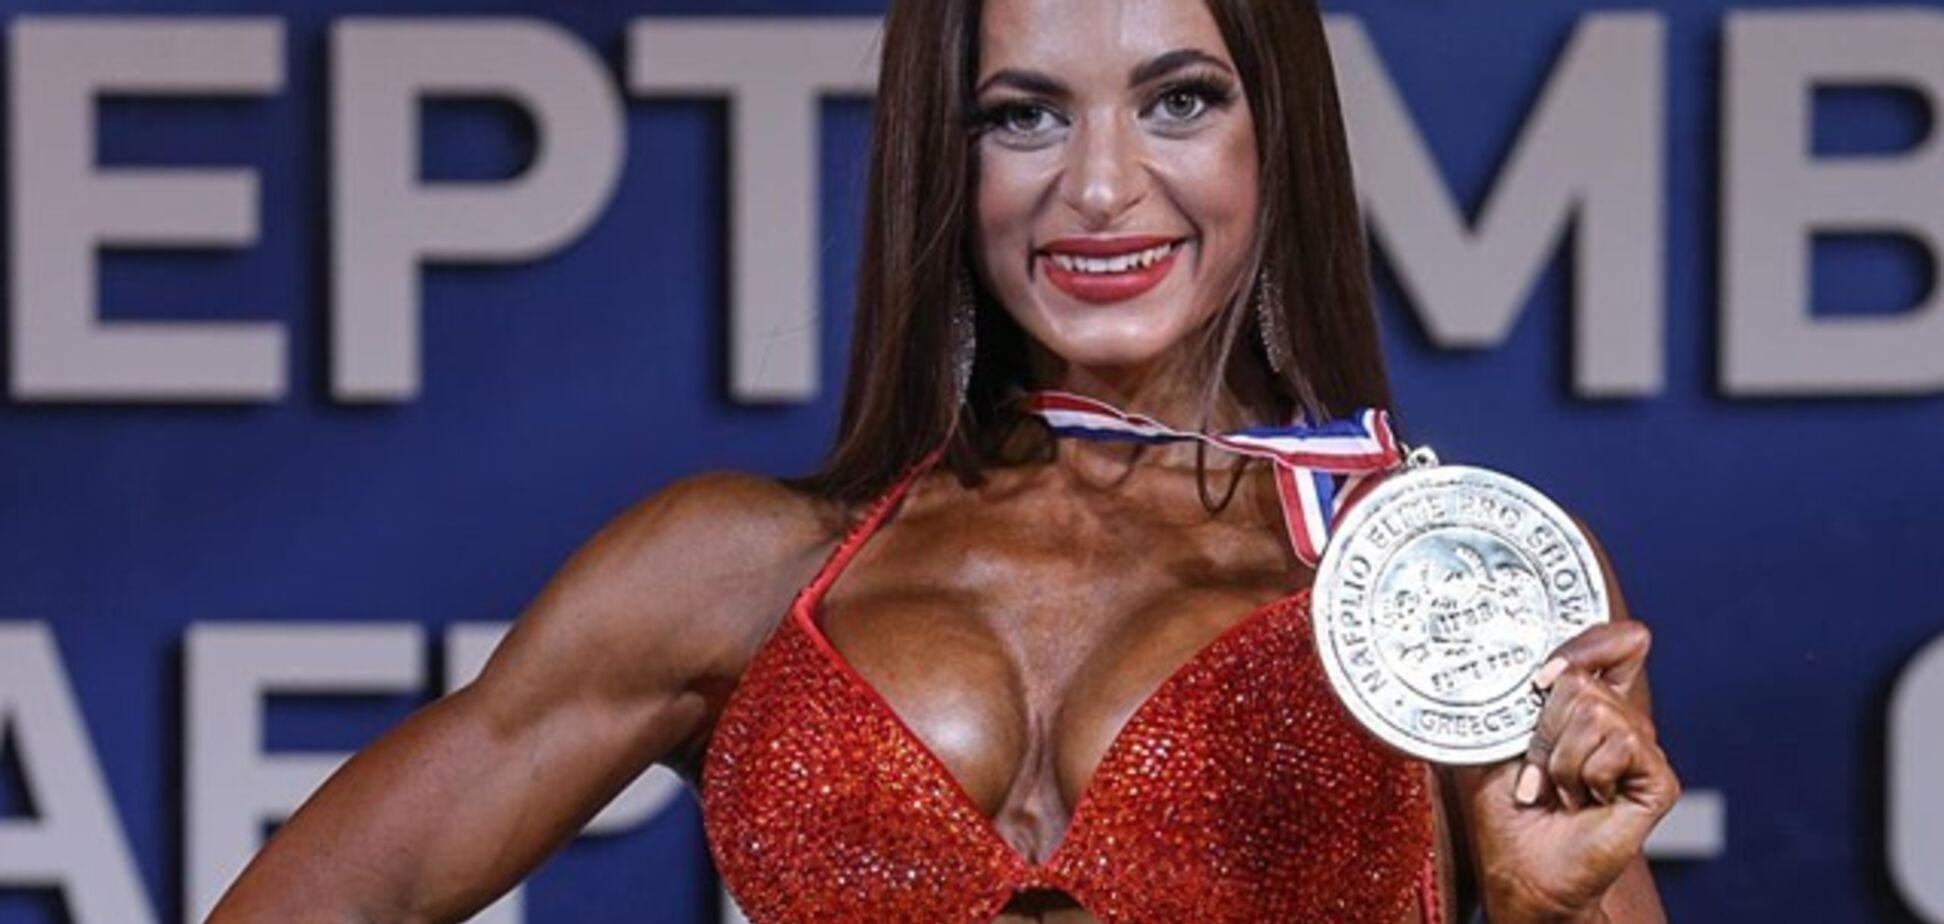 Украинская фитнес-модель выиграла престижнейший турнир в Греции: фото красотки